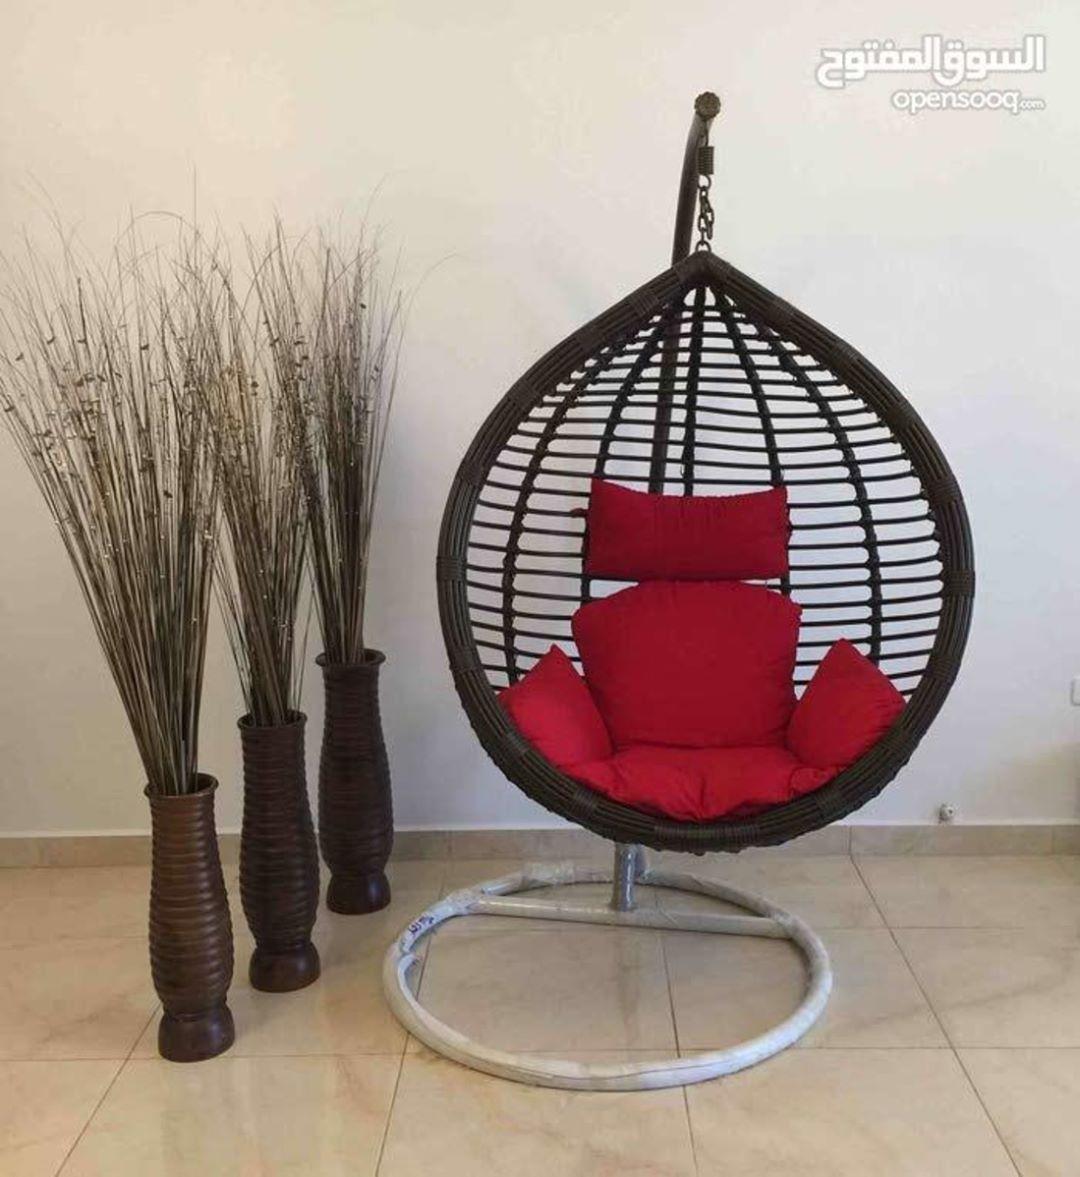 كرسي ارجوحة مميز للبيع للتفاصيل اتصلوا على الرقم 0795606891 للمزيد من الإعلانات والعروض المميزة تصفحوا الموقع أو حم لوا التطبيق ال Hanging Chair Chair Decor